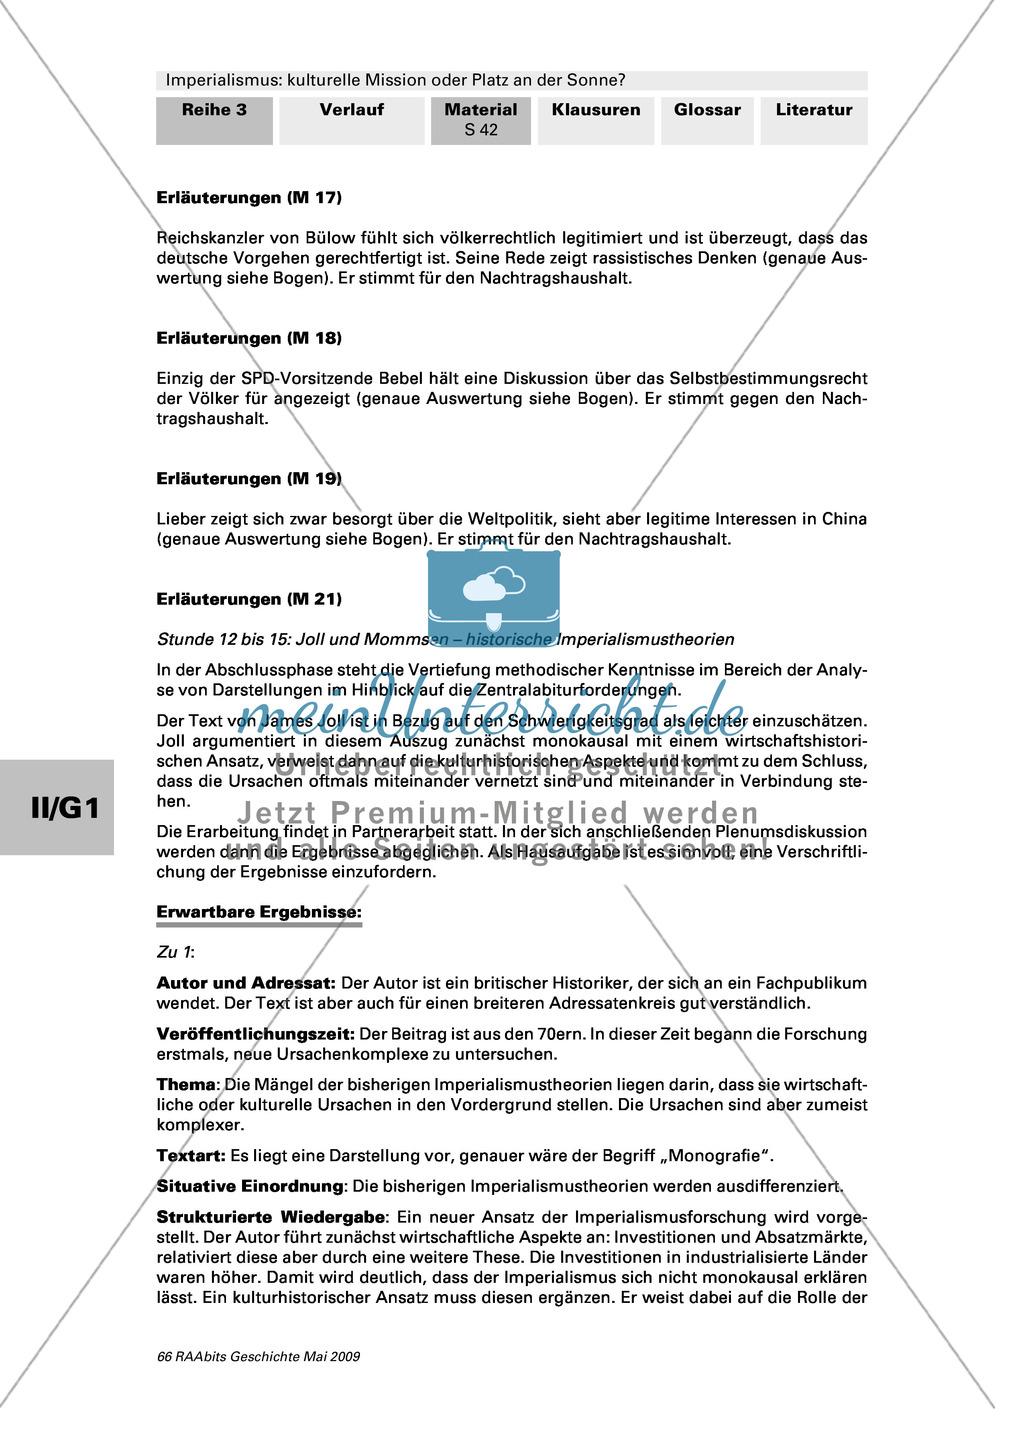 Imperialismus: historische Imperialismustheorien: Text: James Joll: Entstehung Imperialismus + Text: Wolfgang J. Mommsen: Folgen imperialistischer Herrschaft Preview 2